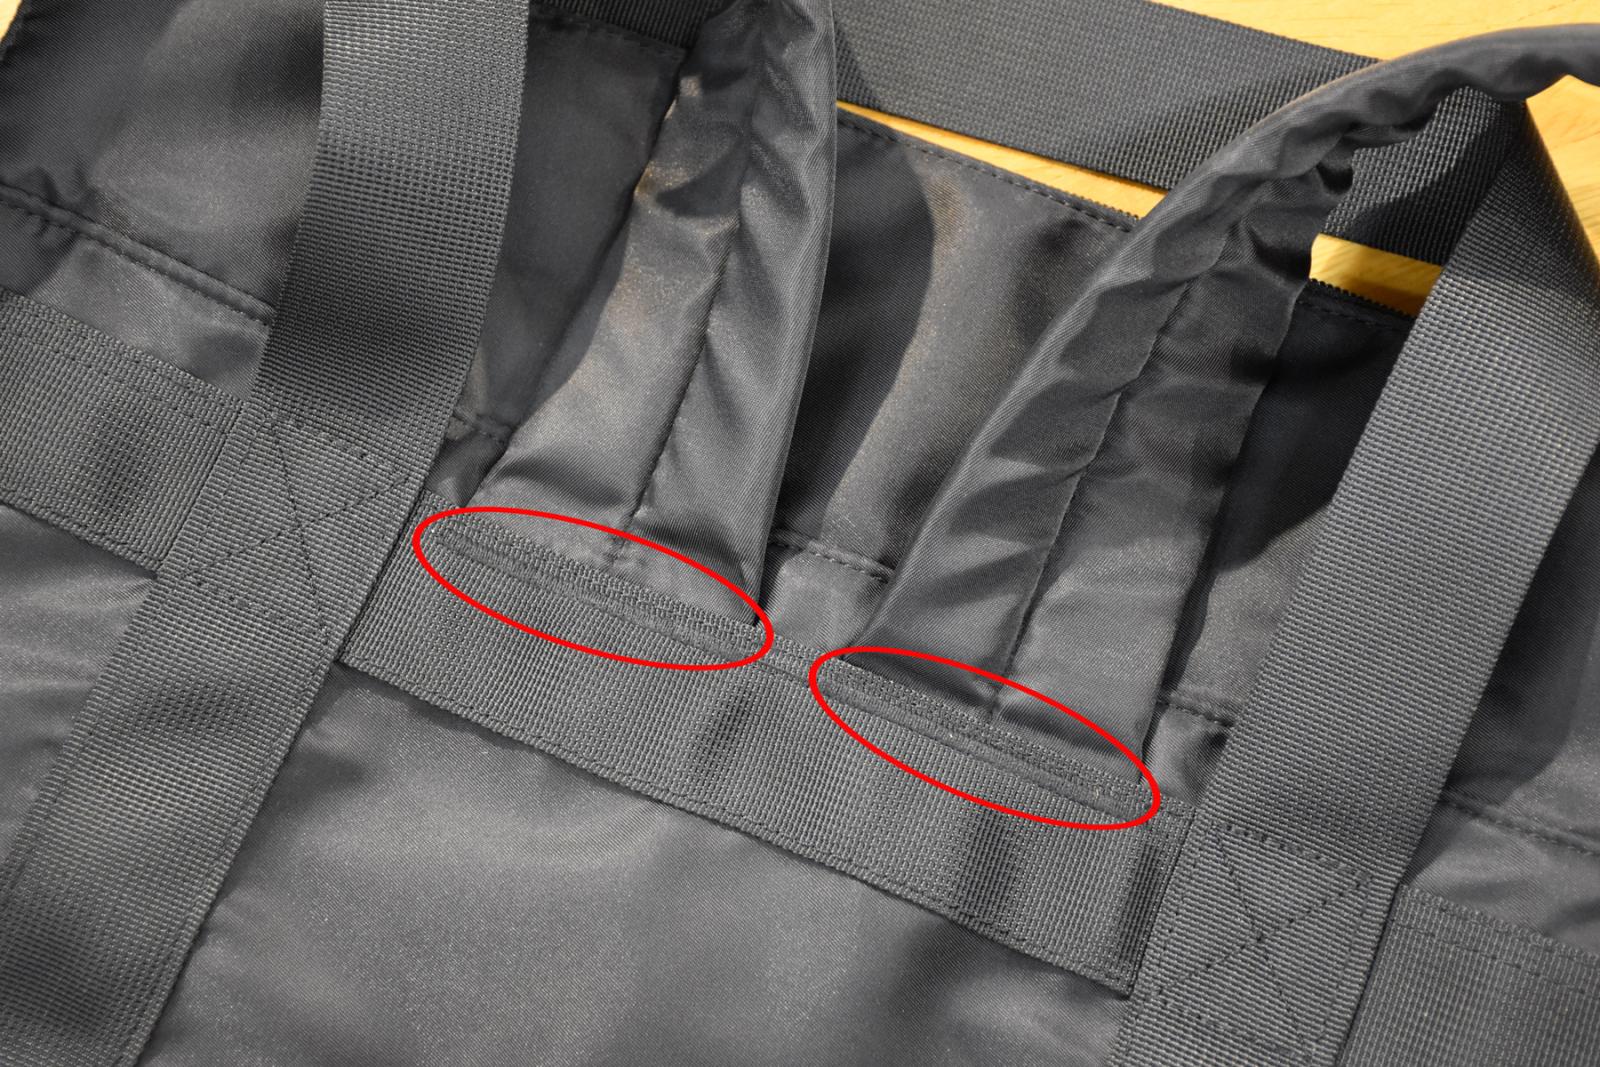 ショルダーベルトの付け根をがっちり縫製して強度を高めています。